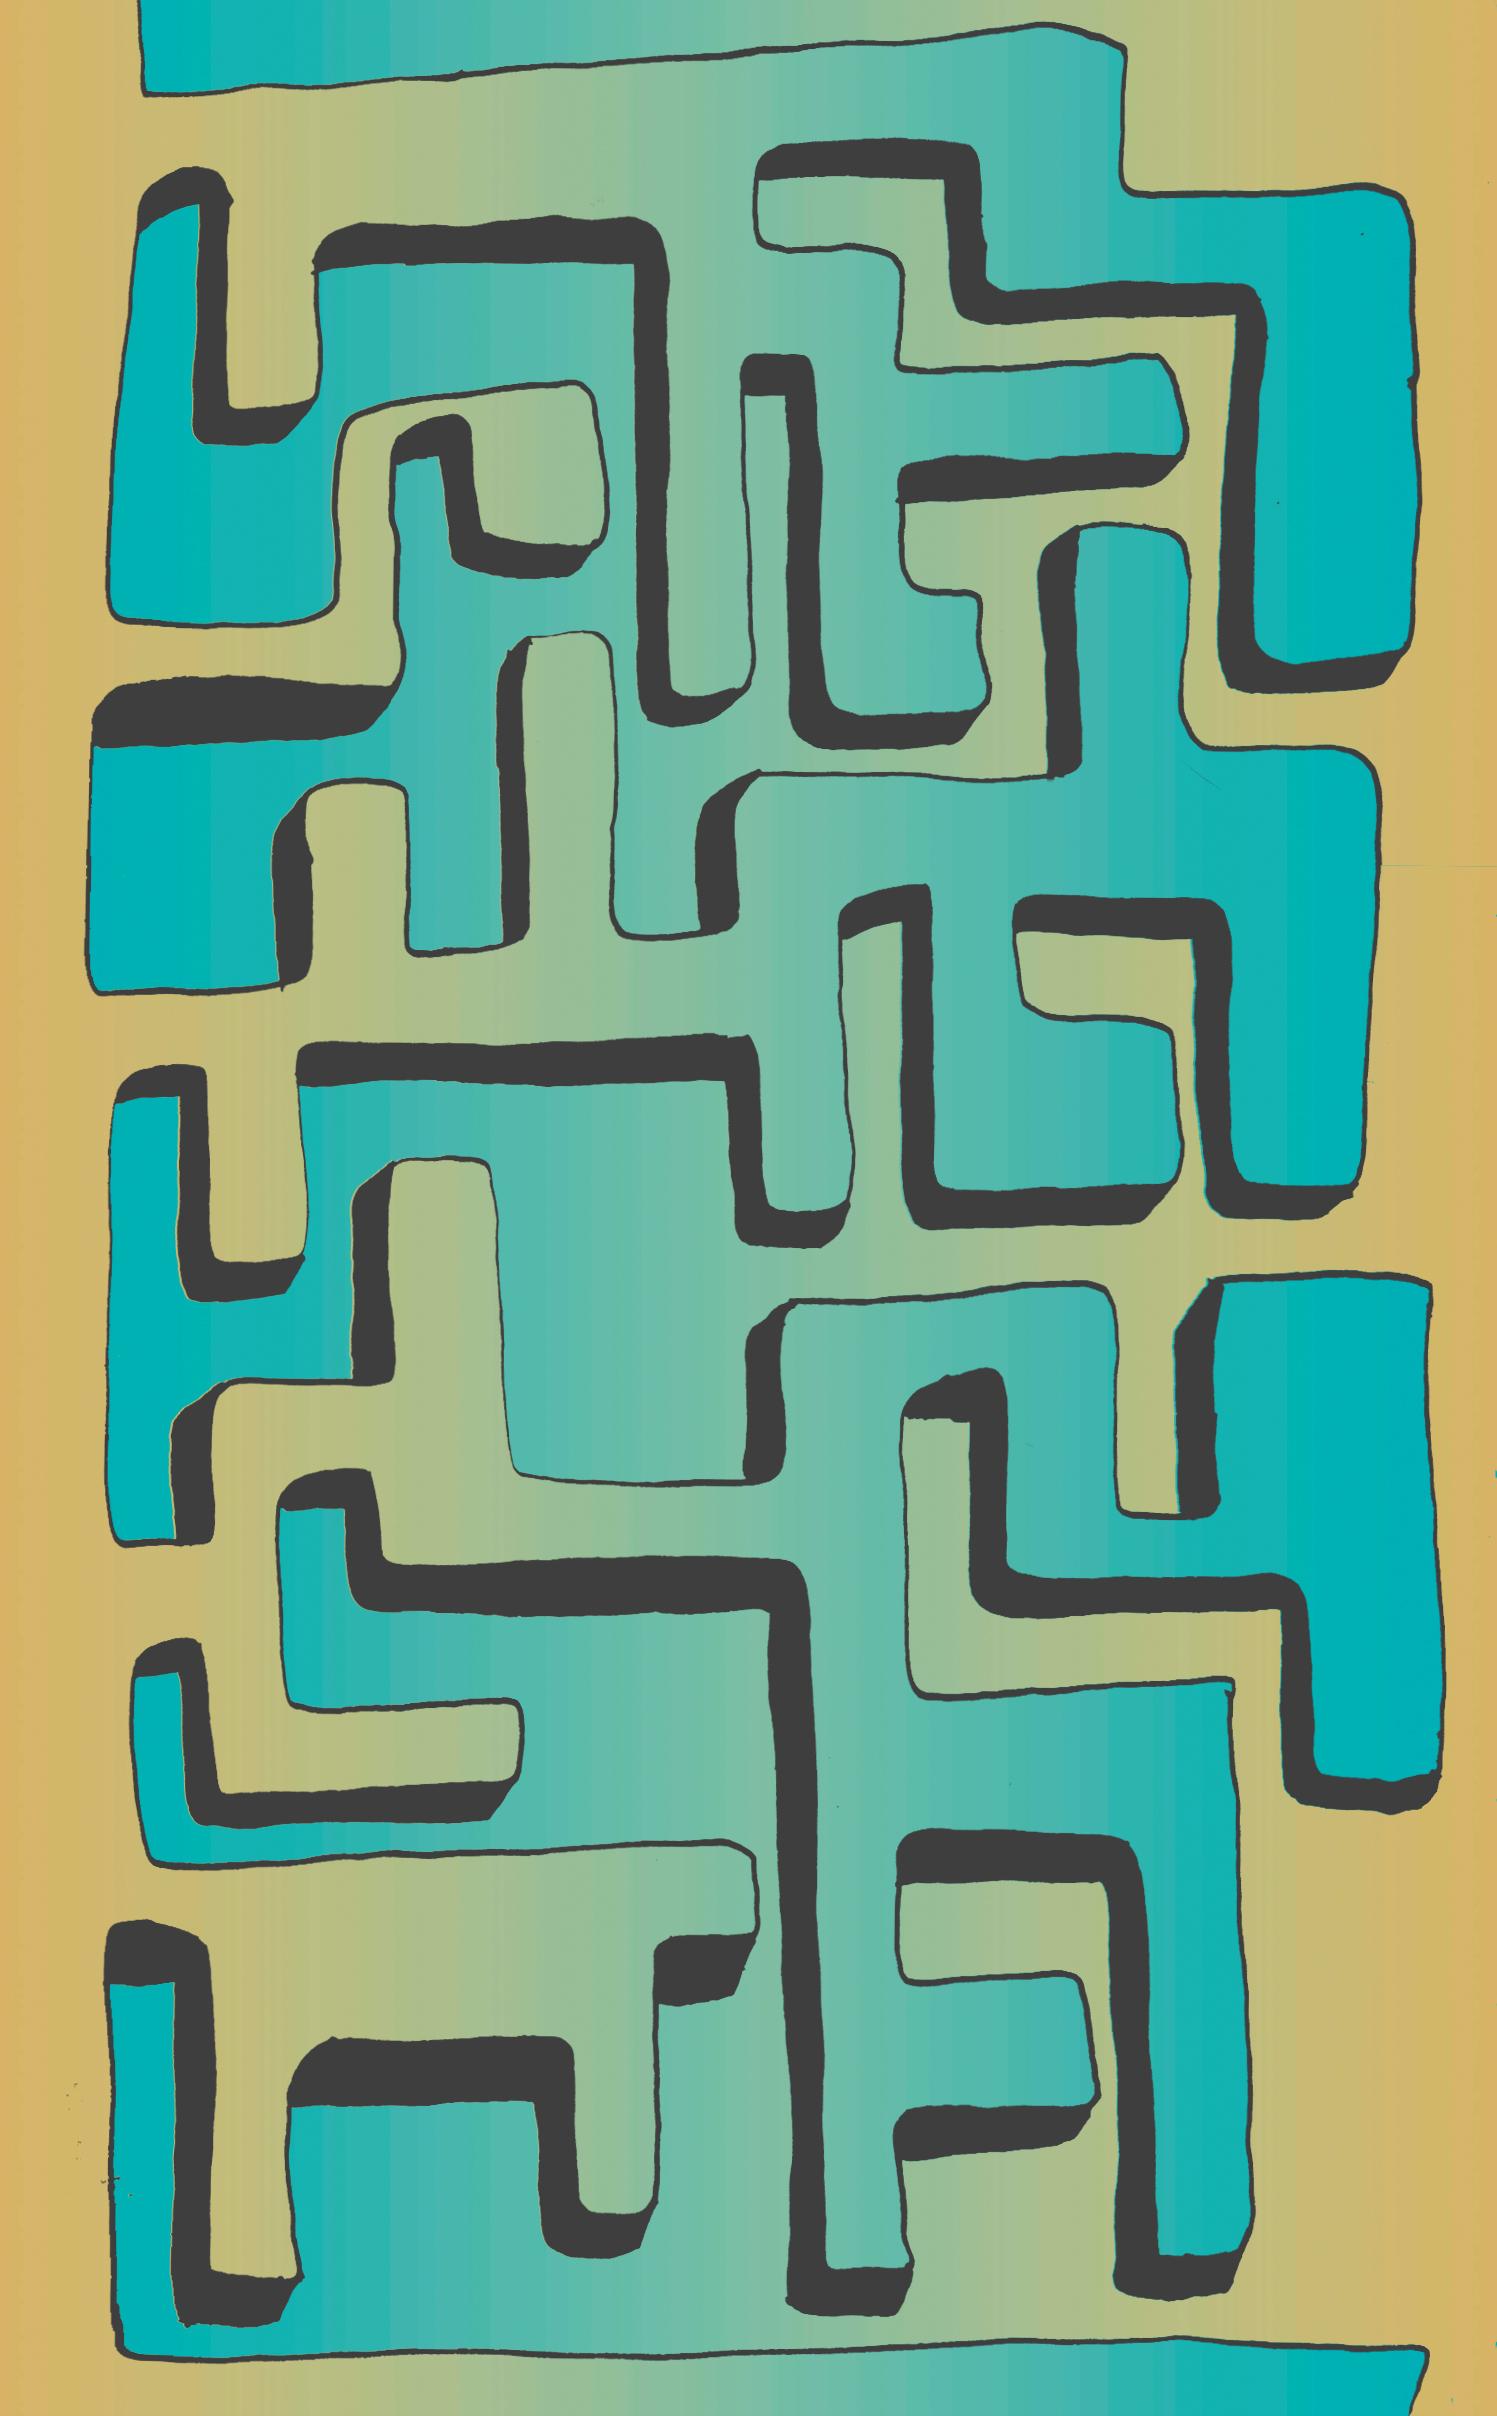 Maze_Green.jpg